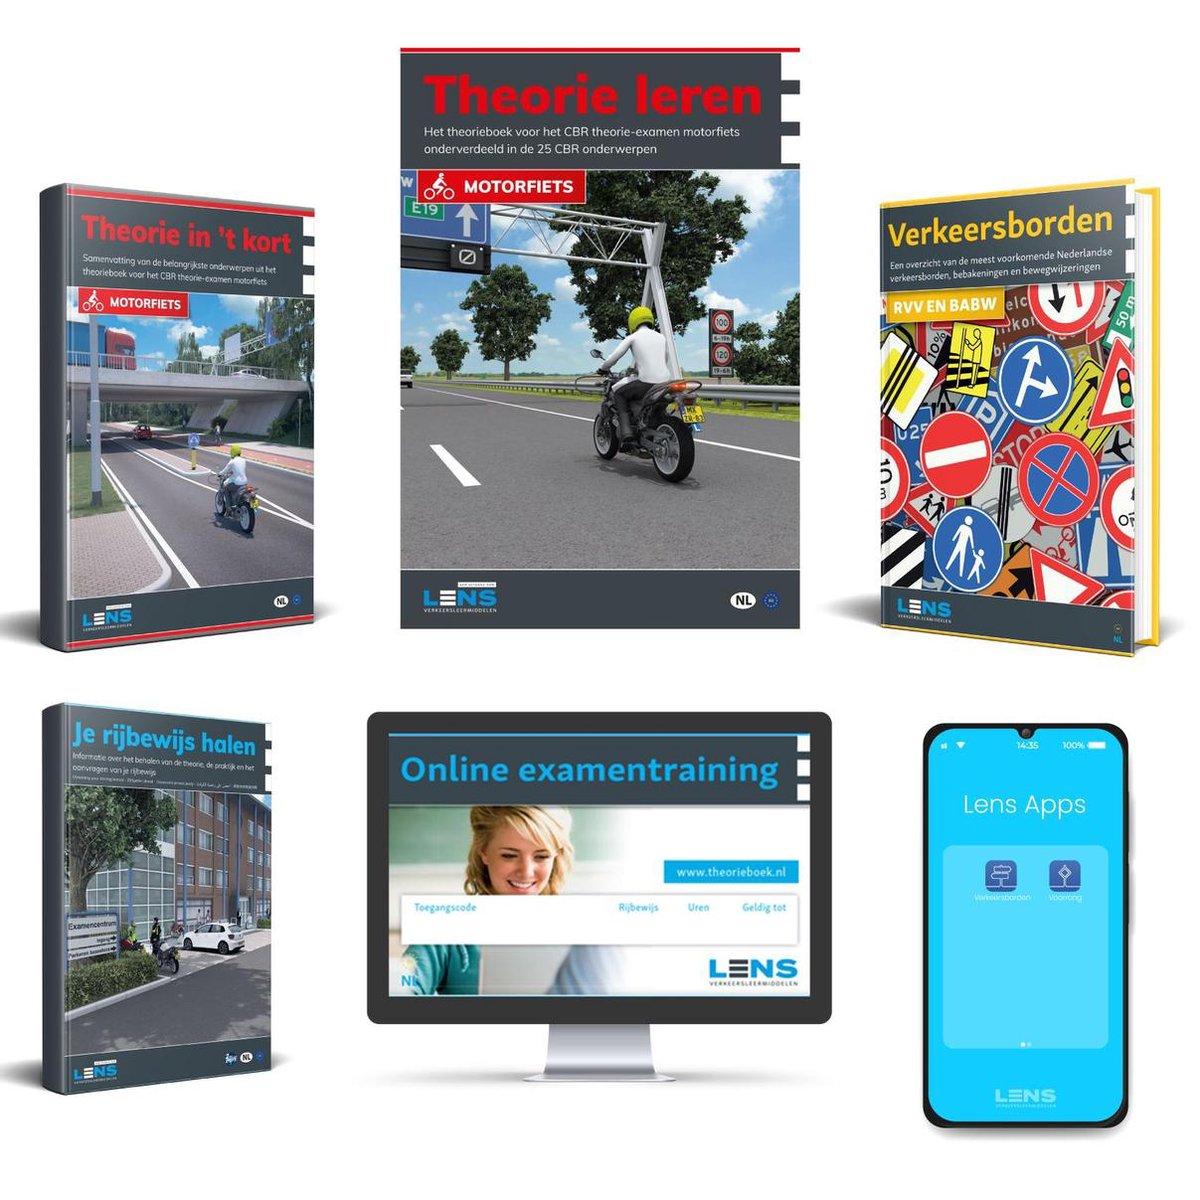 MotorTheorieboek 2021 - Rijbewijs A - Inclusief 10 uur Online, Samenvatting, Apps, CBR Rijbewijs Hal